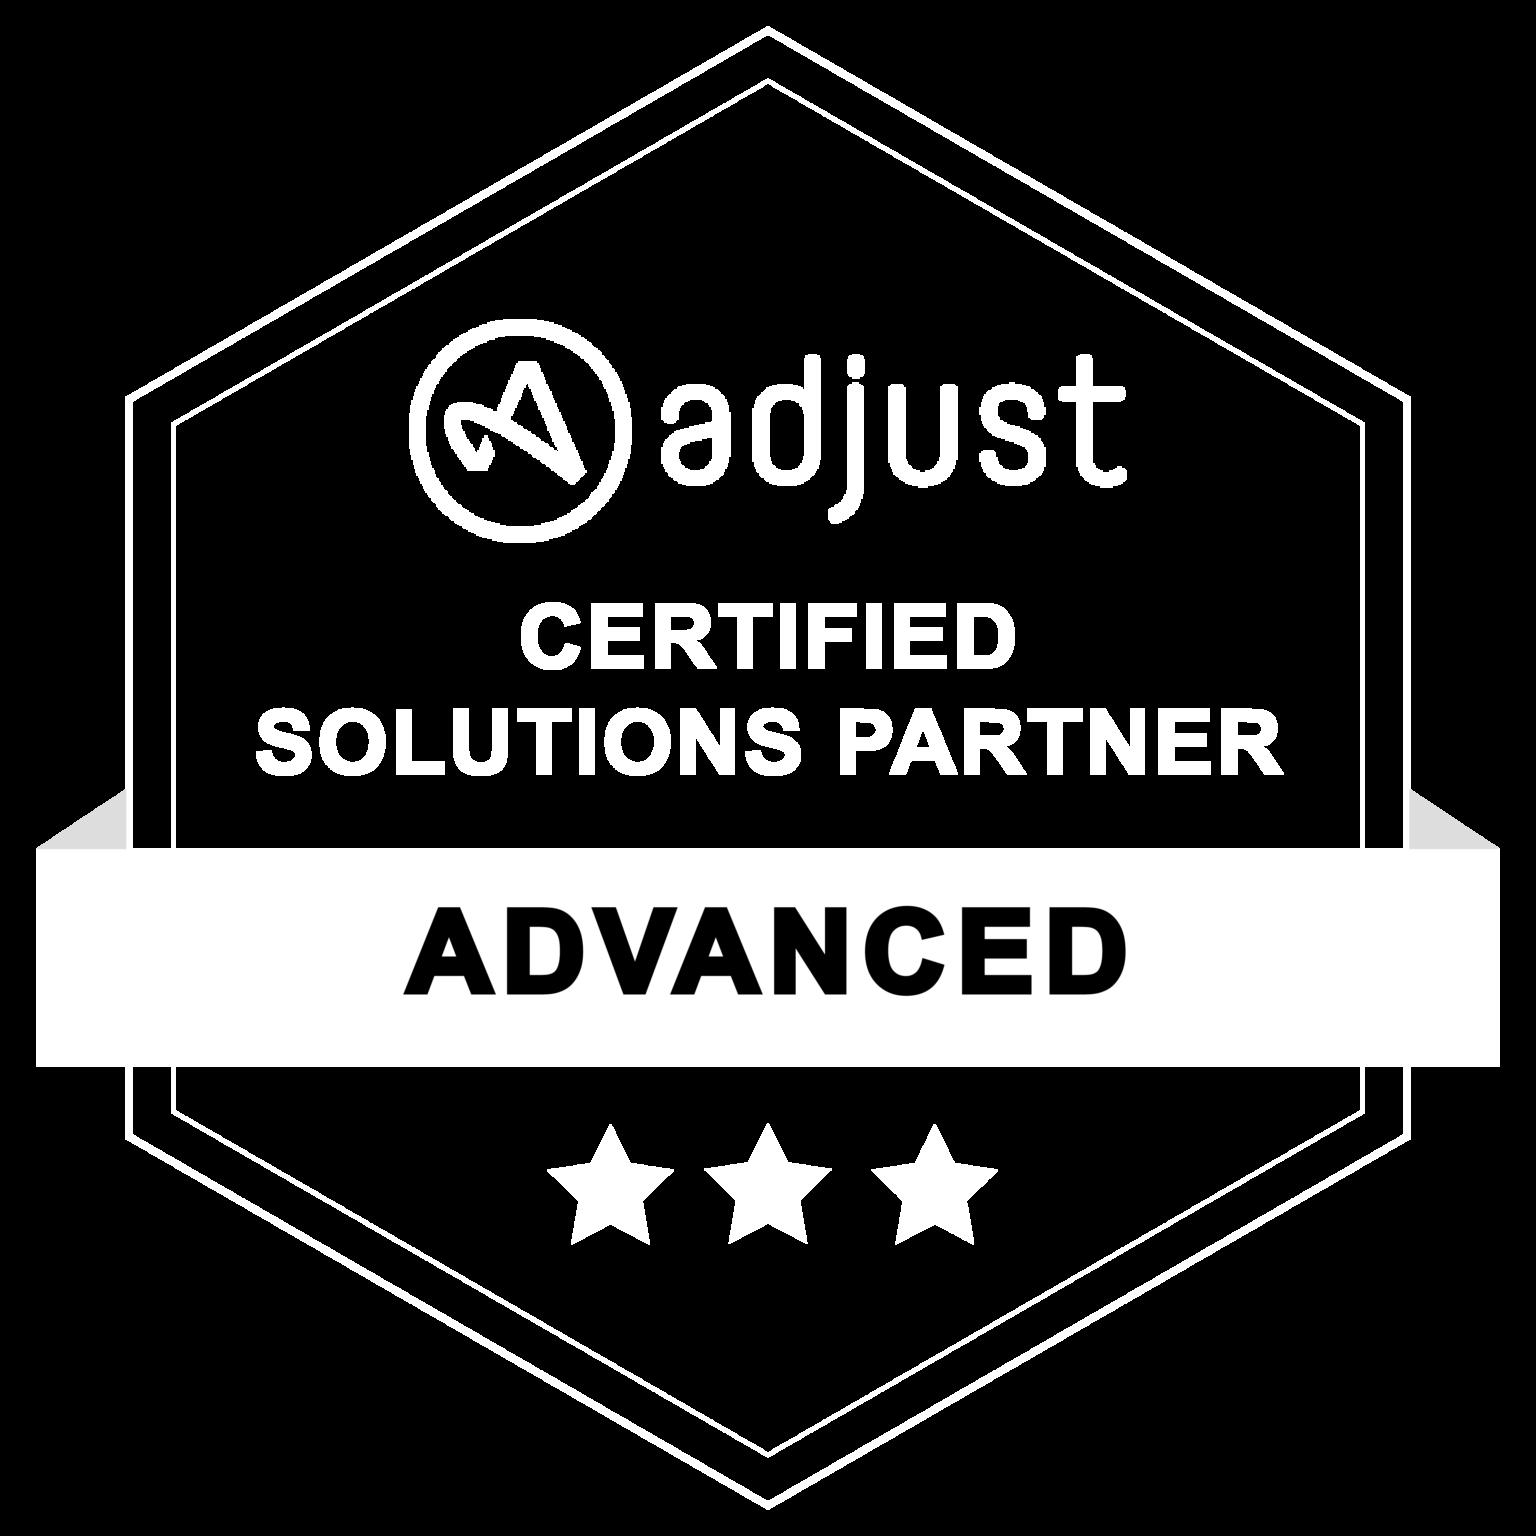 Adjust-2020-01